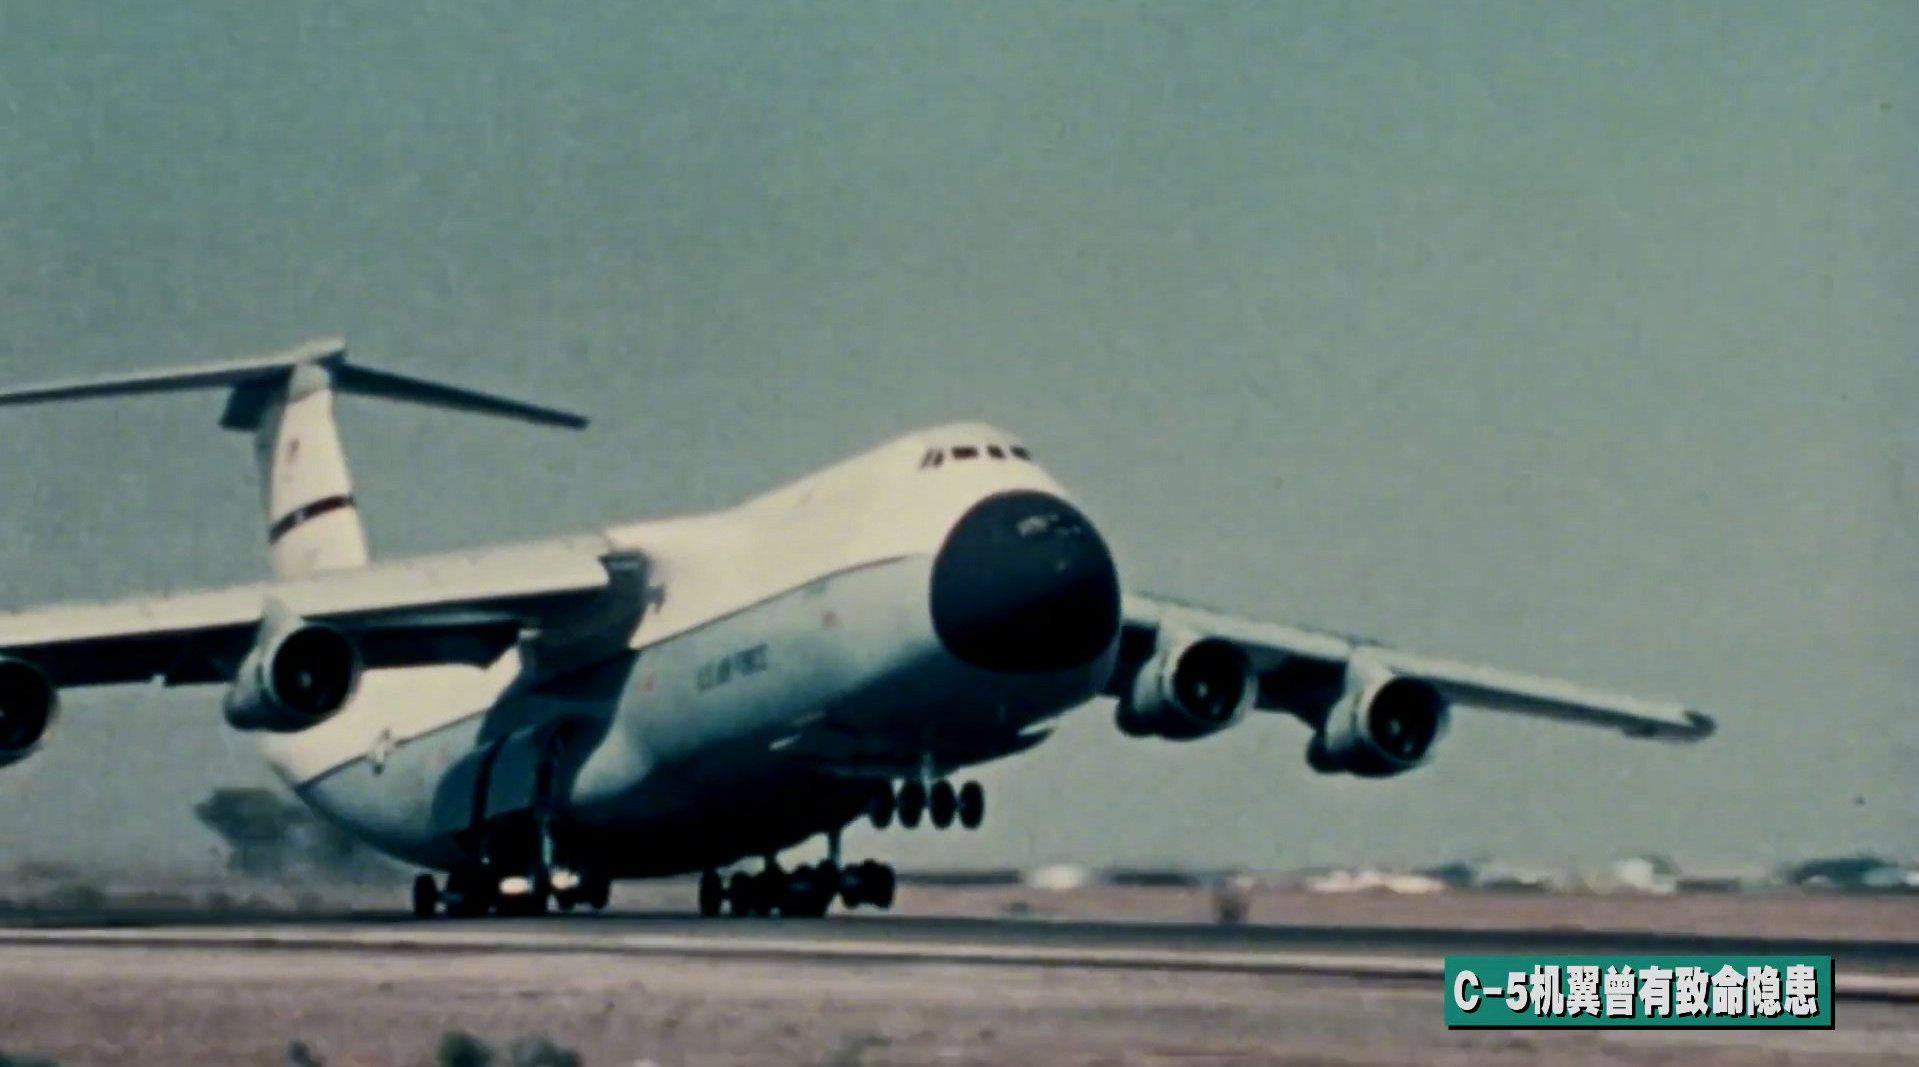 C-5运输机曾有致命的设计缺陷 The C-5 Galaxy Had a Catastrophi